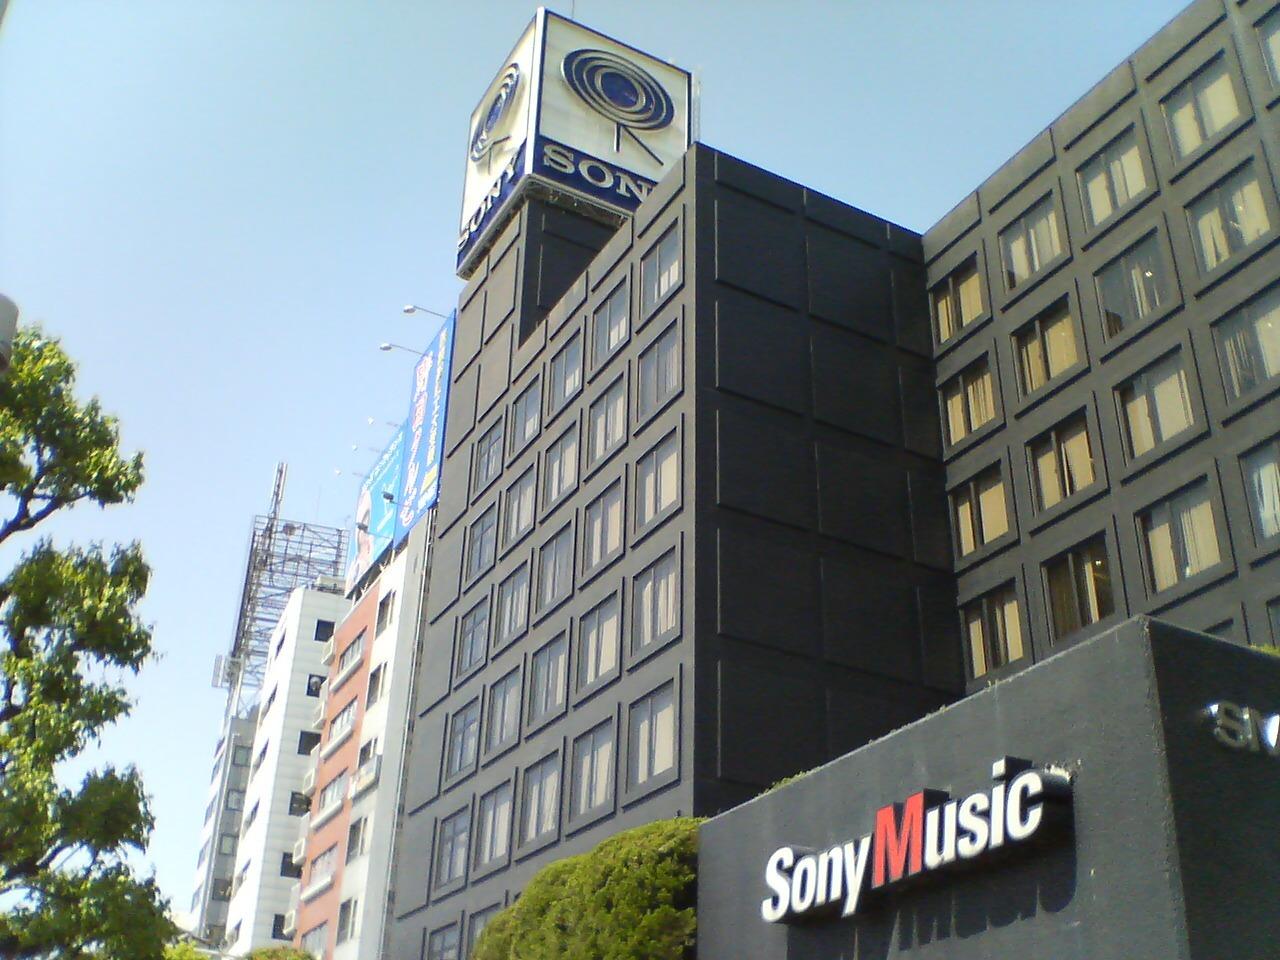 ソニー・ミュージック 乃木坂と市ケ谷のビル売却 サムネイル画像